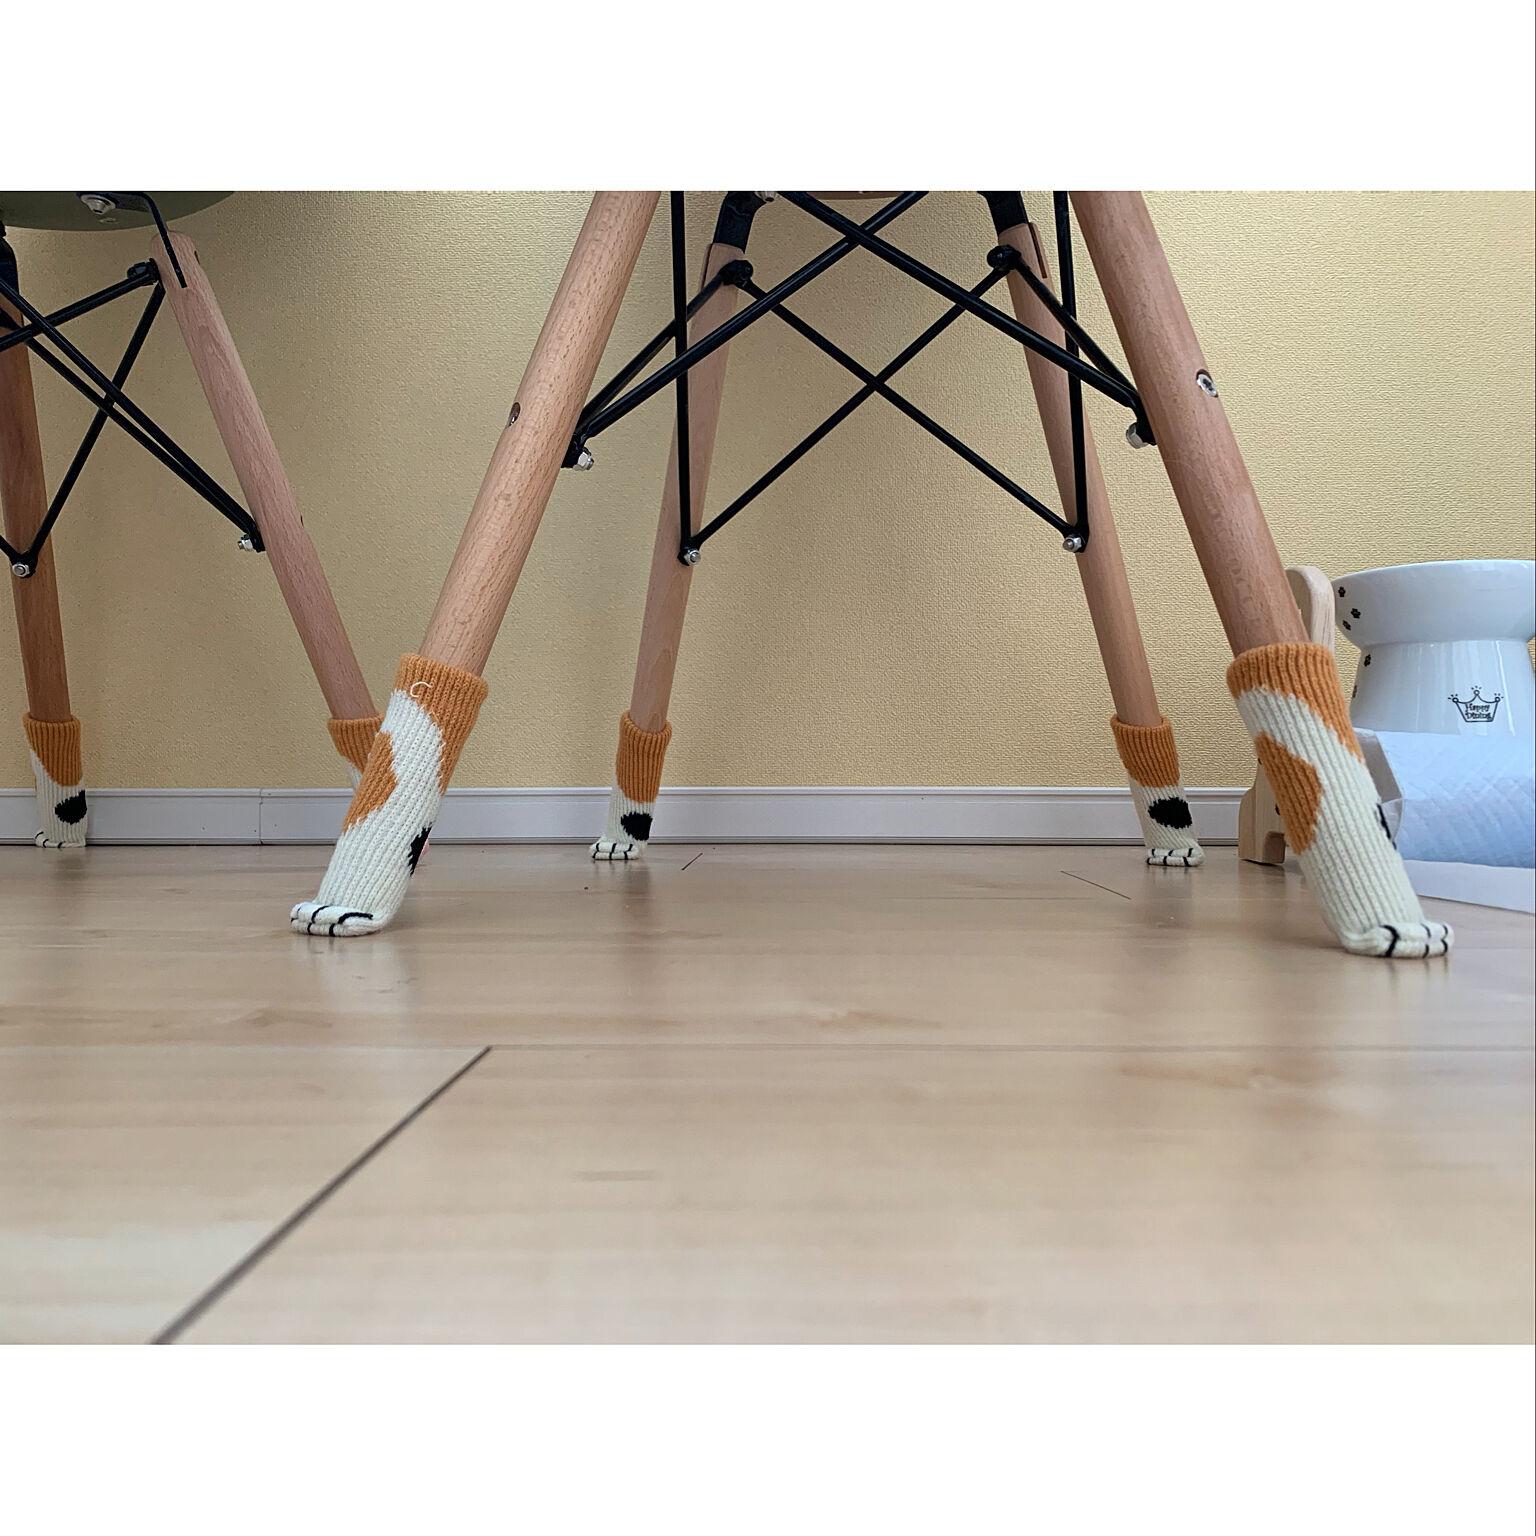 大切な家具や床を守るために取り入れたい☆ダイソーのキズ防止アイテム